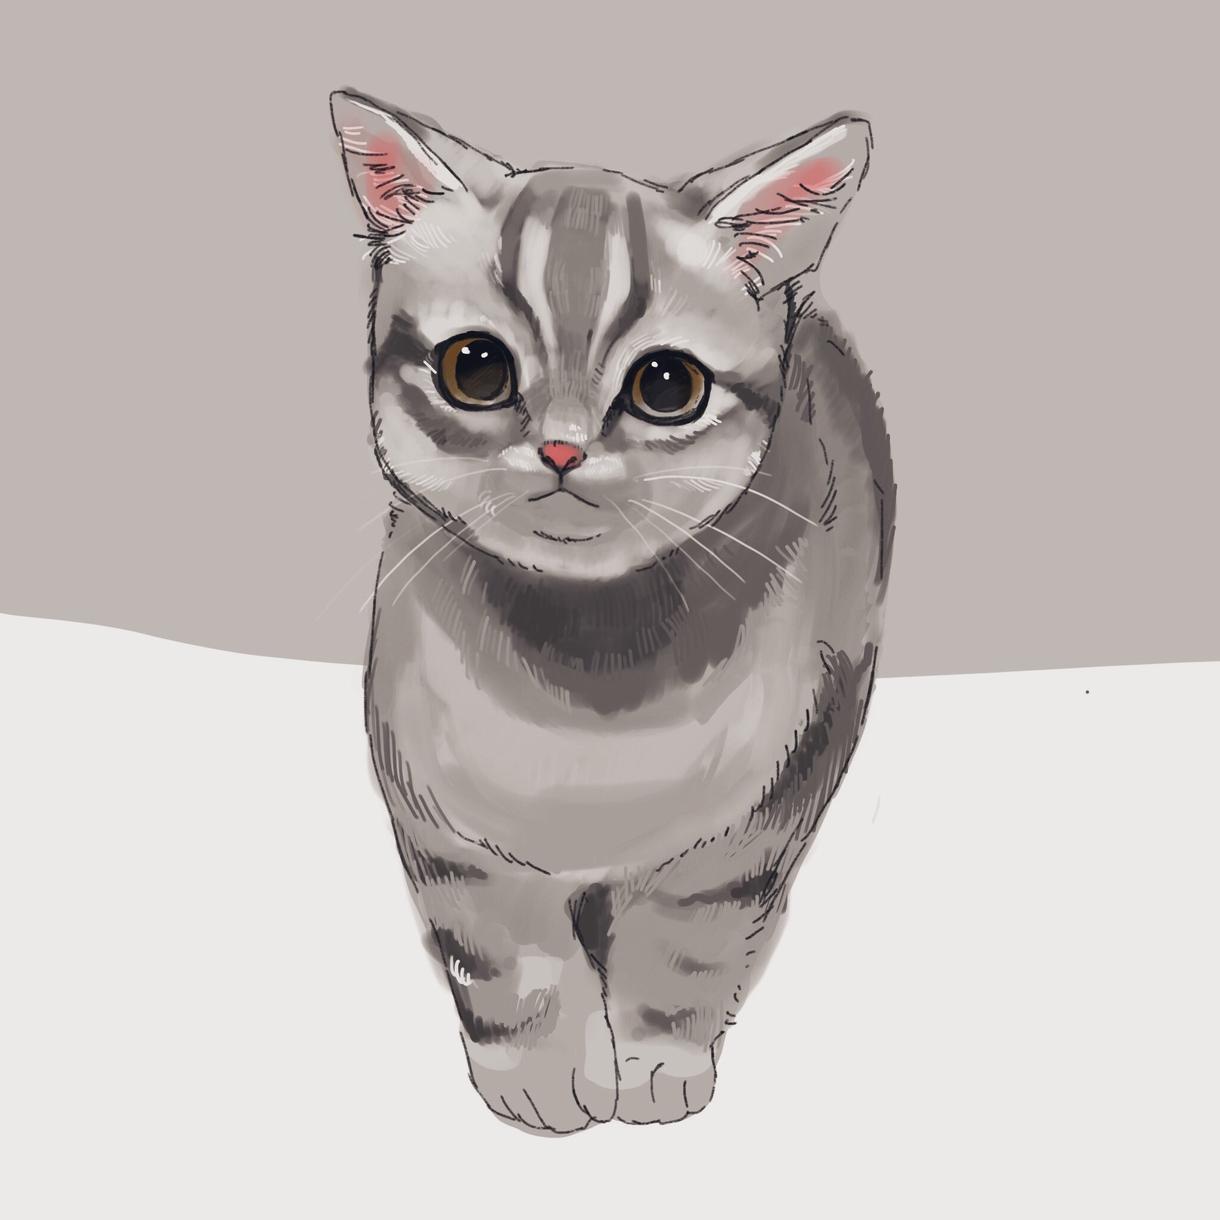 ペットや好きな動物のイラストを描きます SNSのアイコン使用はもちろん、プレゼントにもおすすめです。